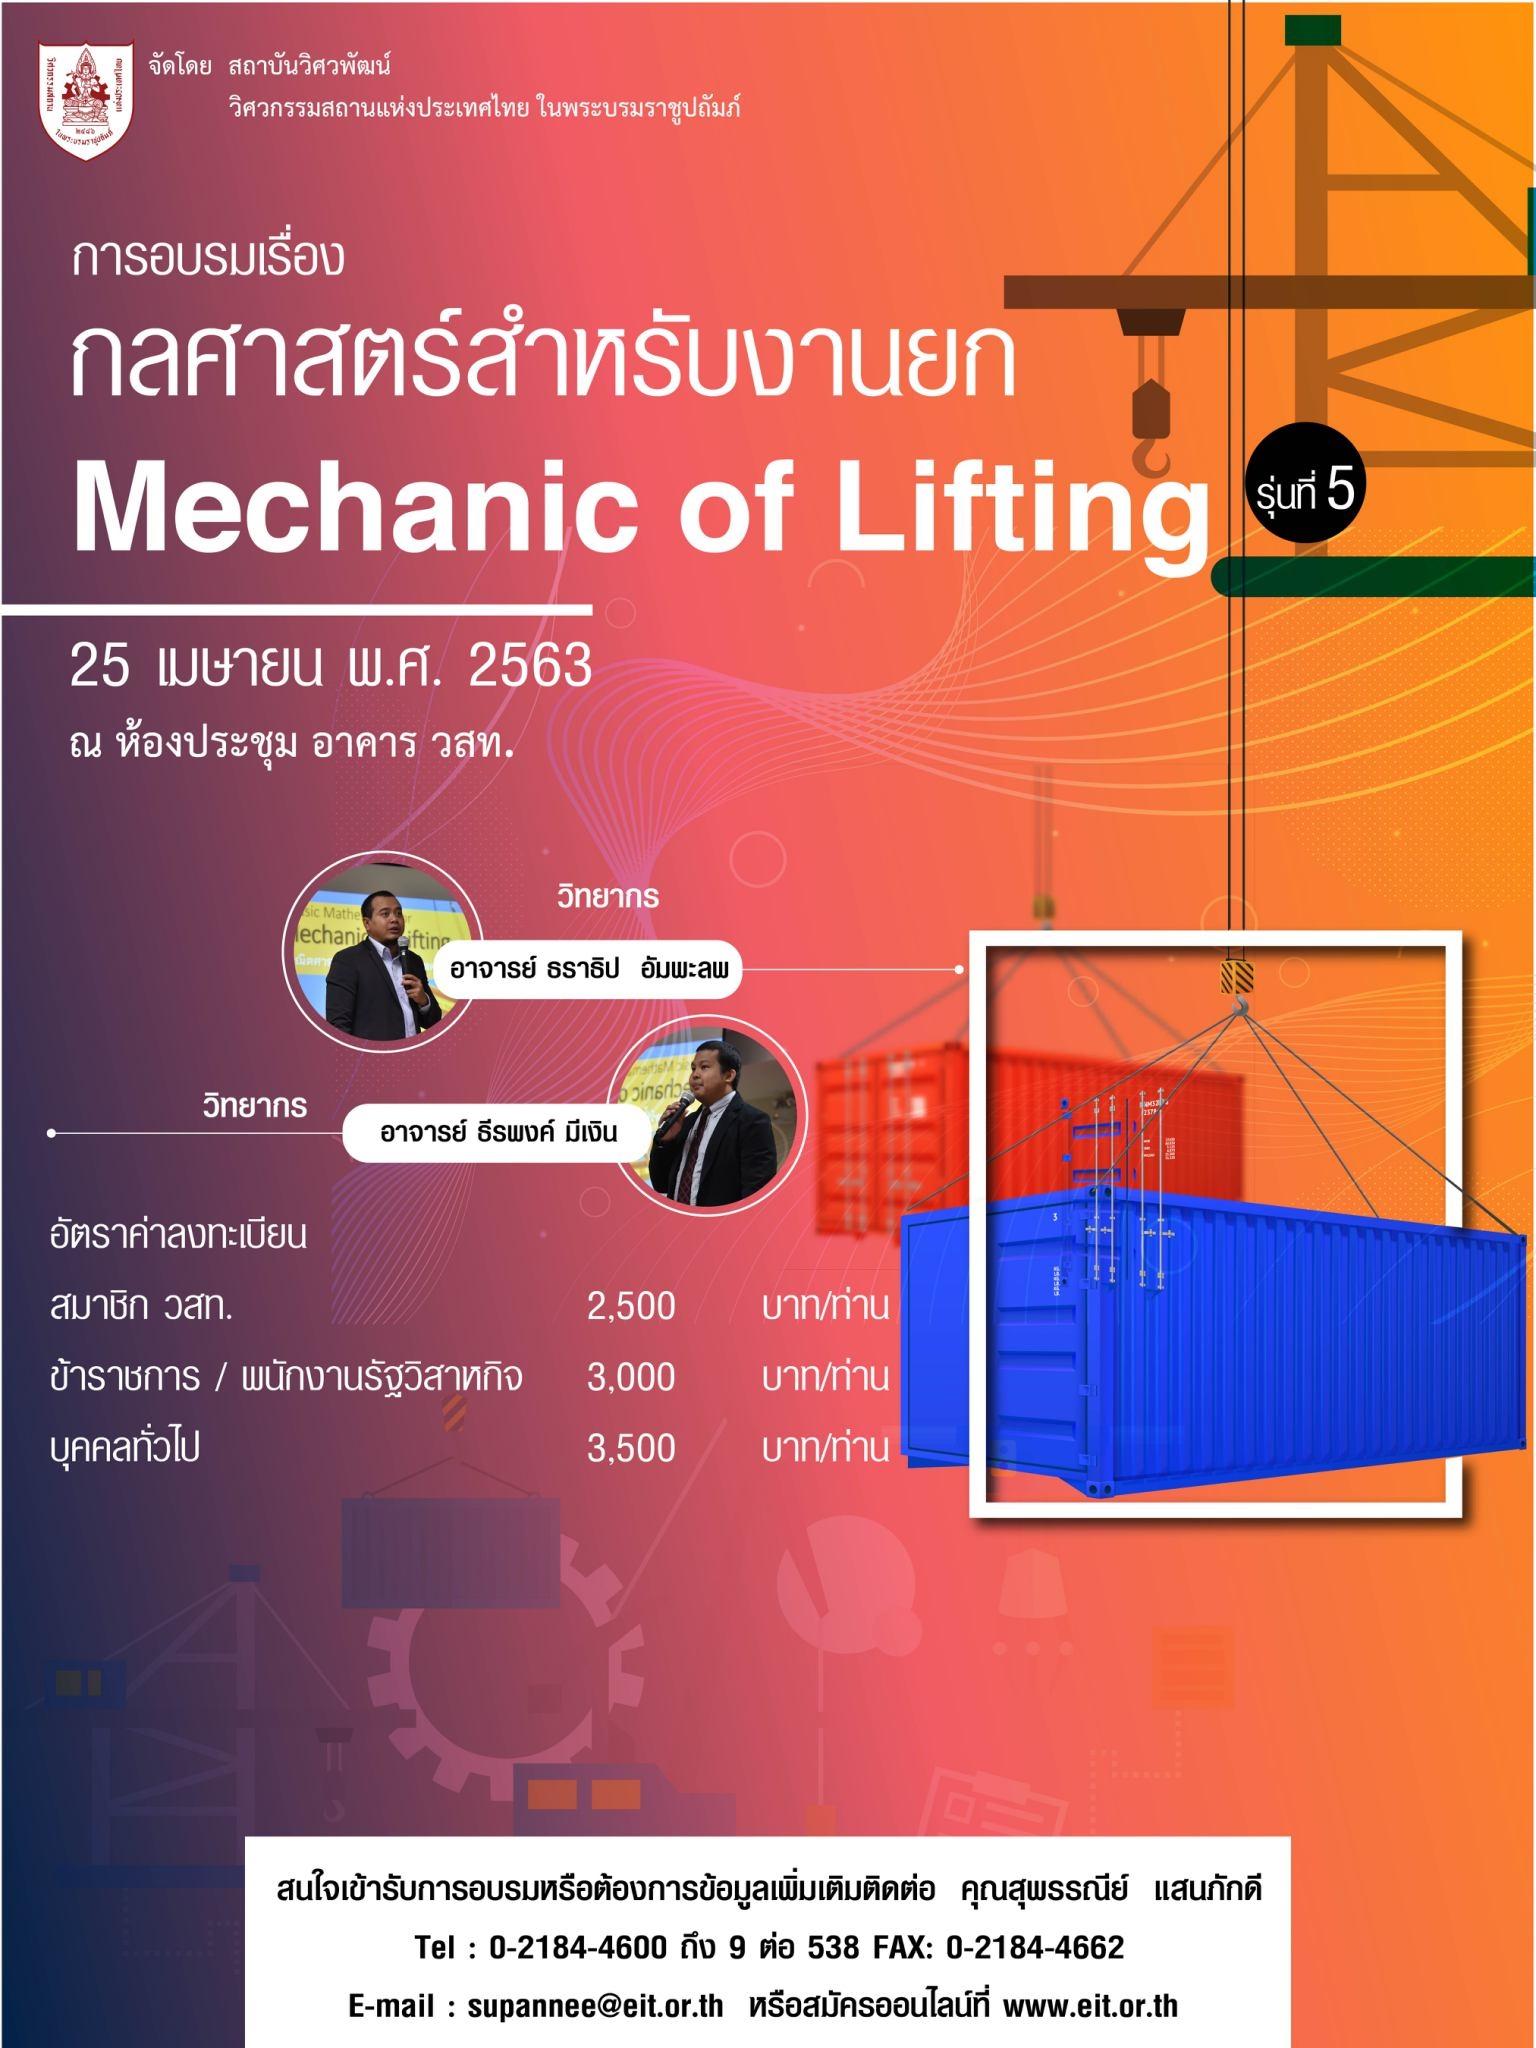 25/04/2563 การอบรมเรื่อง กลศาสตร์สำหรับงานยก (Mechanic of Lifting) รุ่นที่ 5